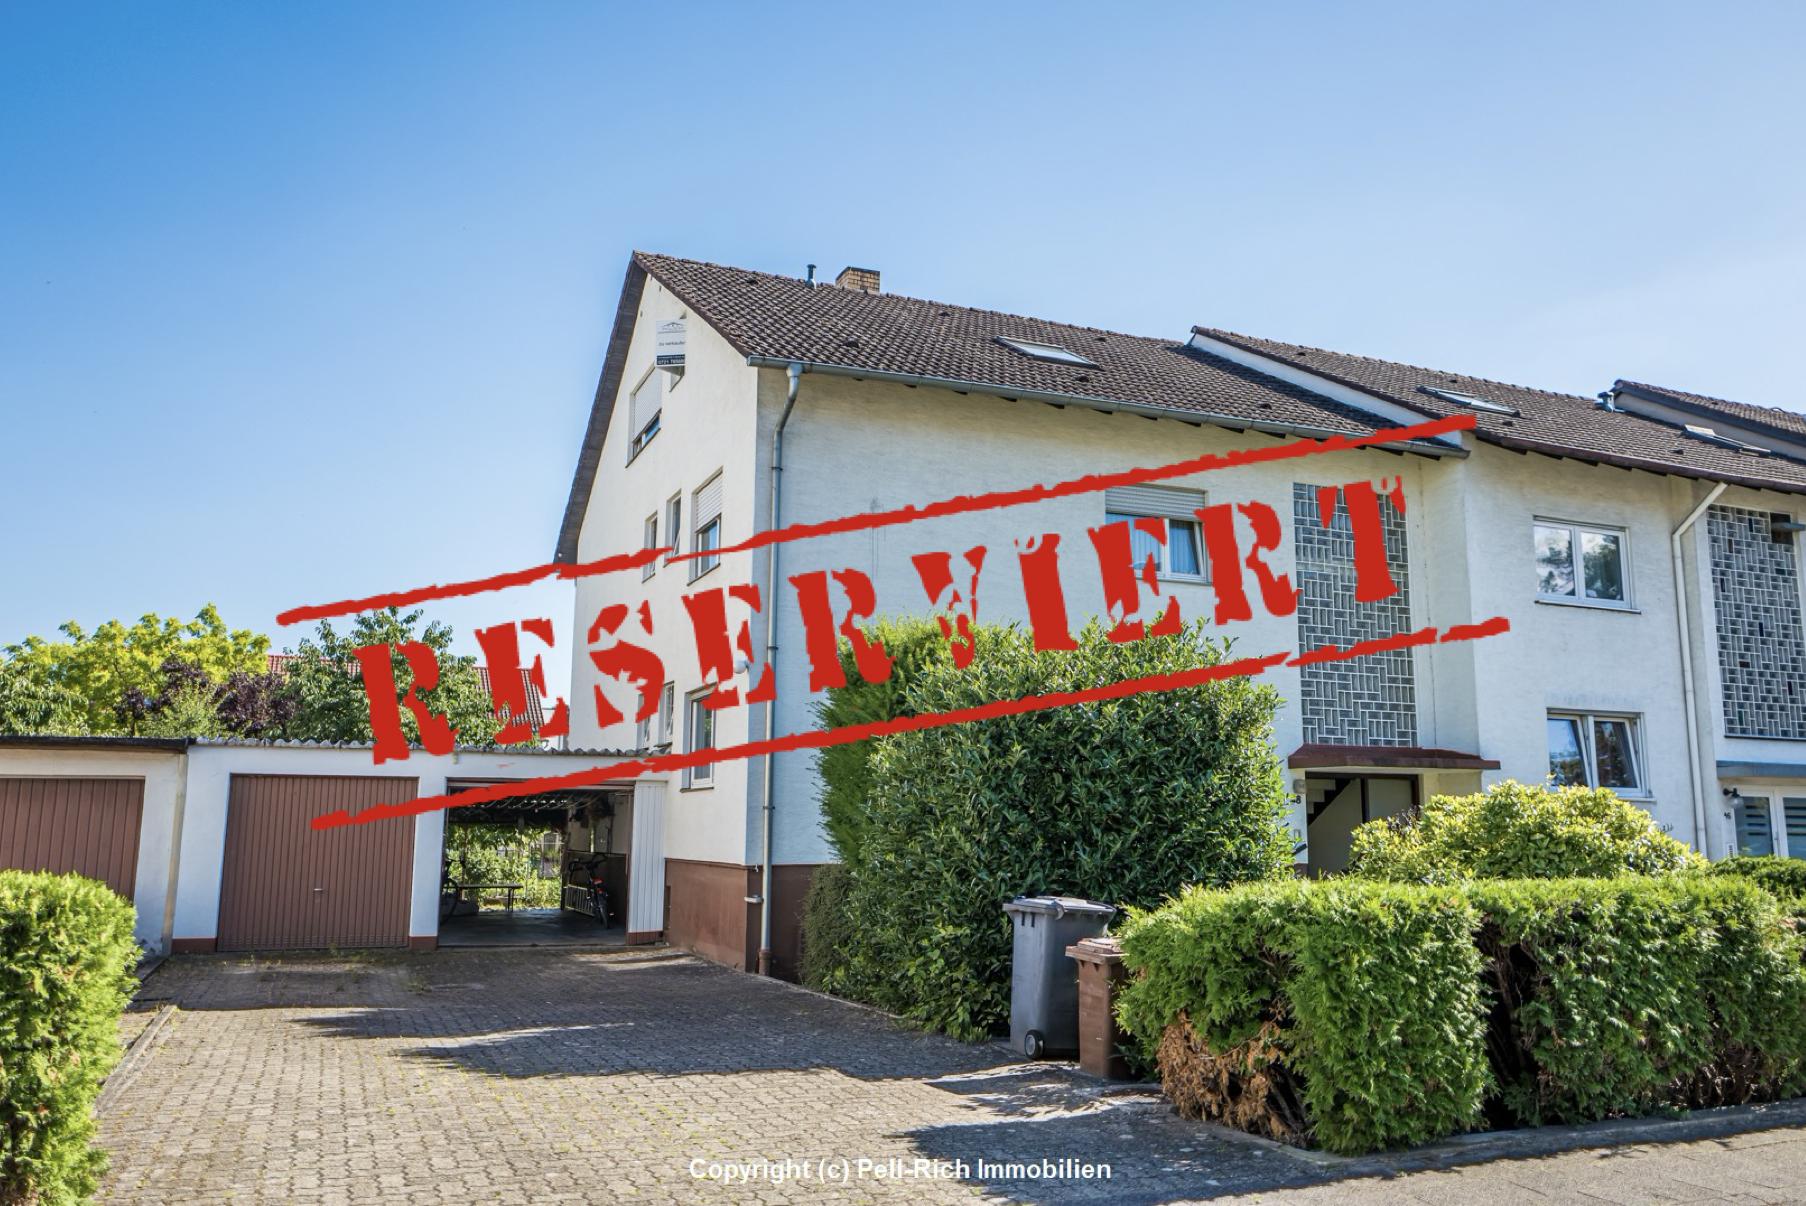 -derzeit reserviert- POTENTIAL: Zweifamilienhaus mit ausgebautem Dachgeschoss und großem Garten in Stutensee-Büchig